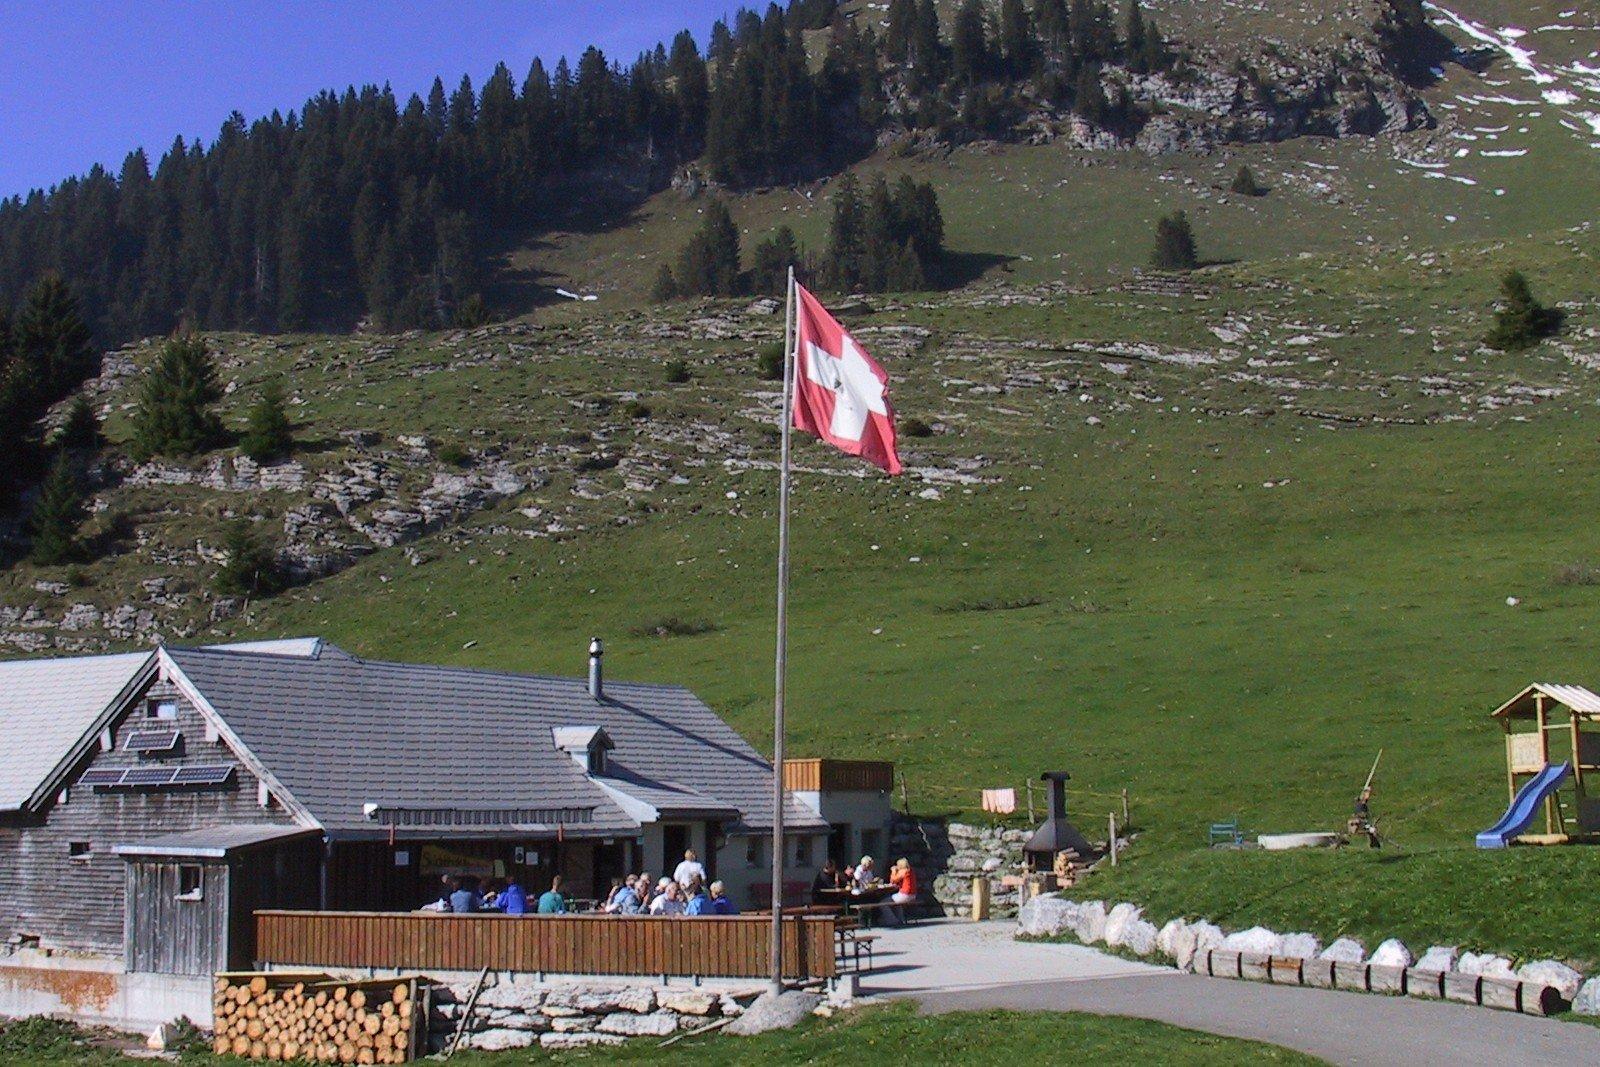 Neben der Skiclubhütte Altschen, welche sich auf dem Wanderweg in Richtung Vordere Höhi befindet, steht ein Spielplatz mit Sandkasten, Schaukel, Rutschbahn und Spielturm.